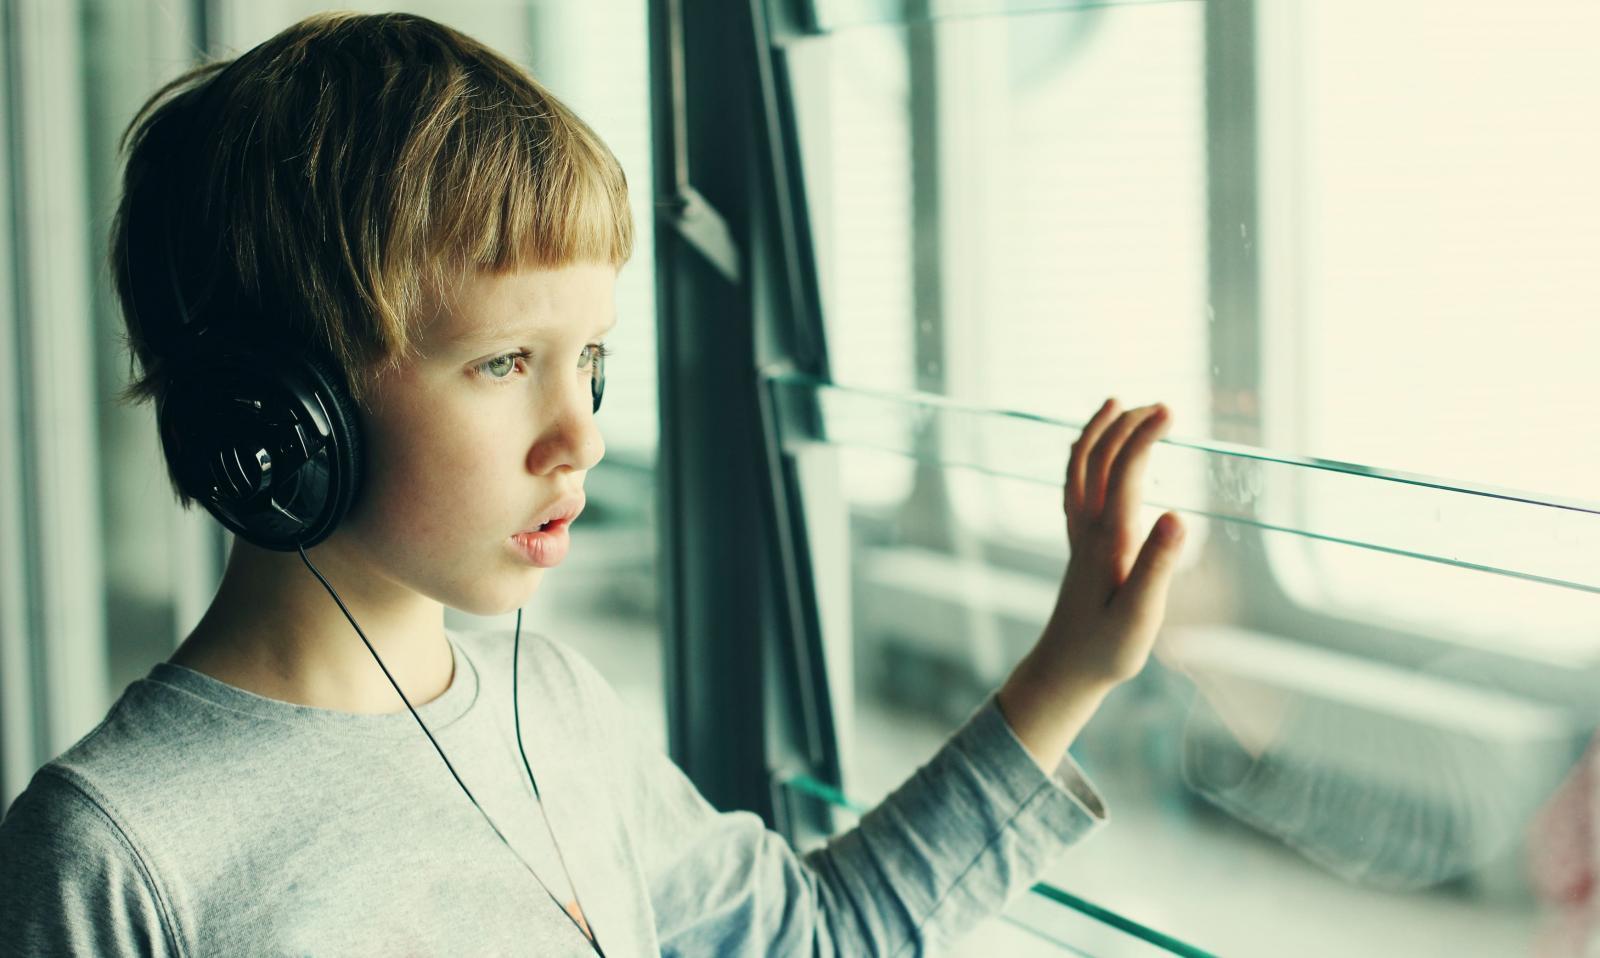 мальчик в наушниках смотрит в окно